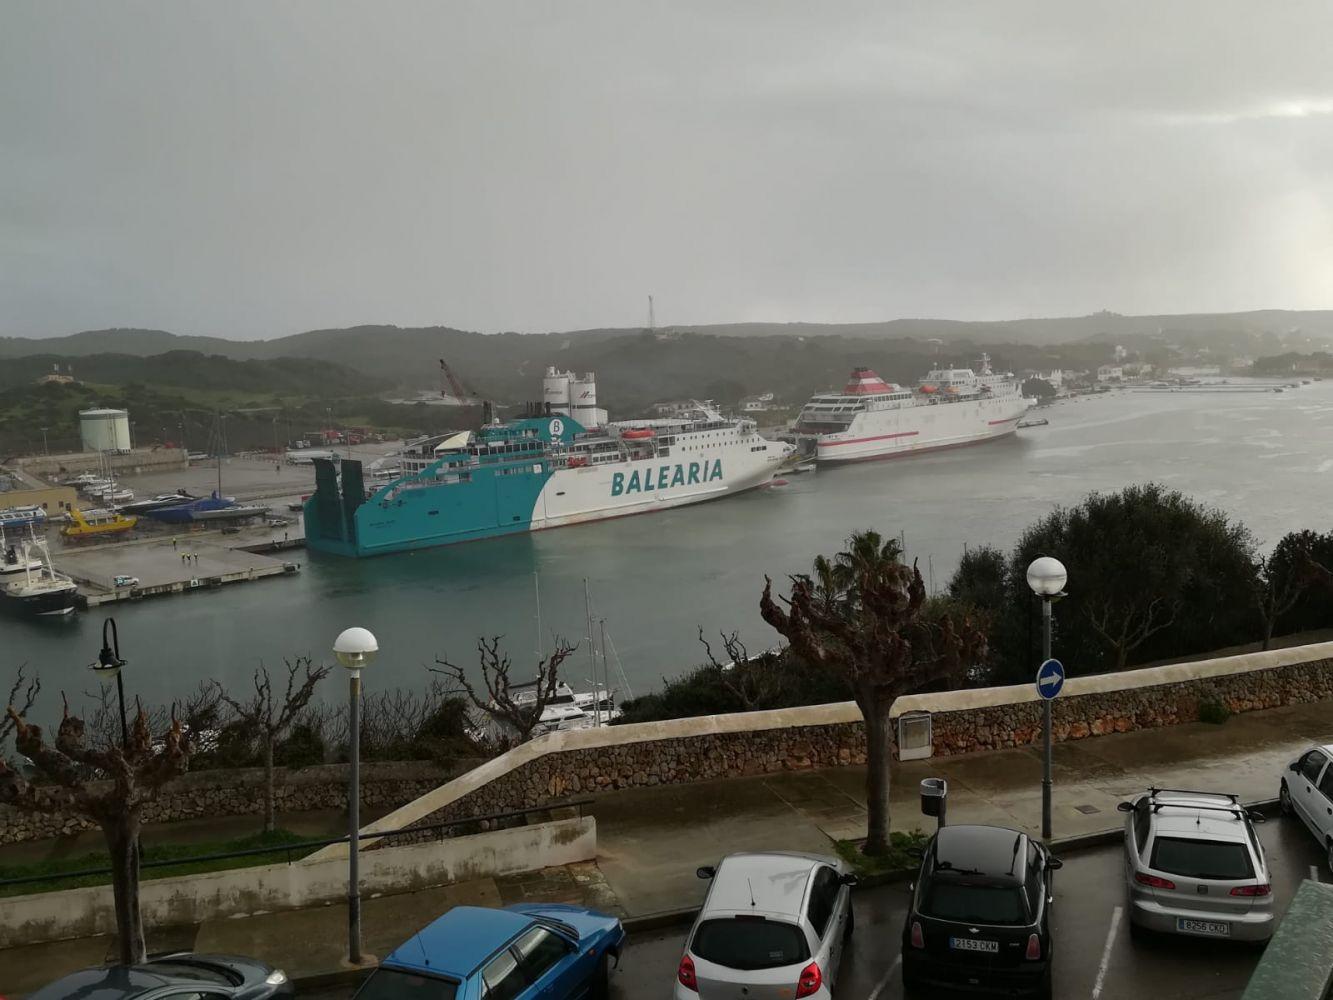 El de Balearis procedente de Mallorca se encontró con el JJ Syster de Armas-Transmediterránea que llegó de Barcelona. (FOTO: NANDO ANDREU)